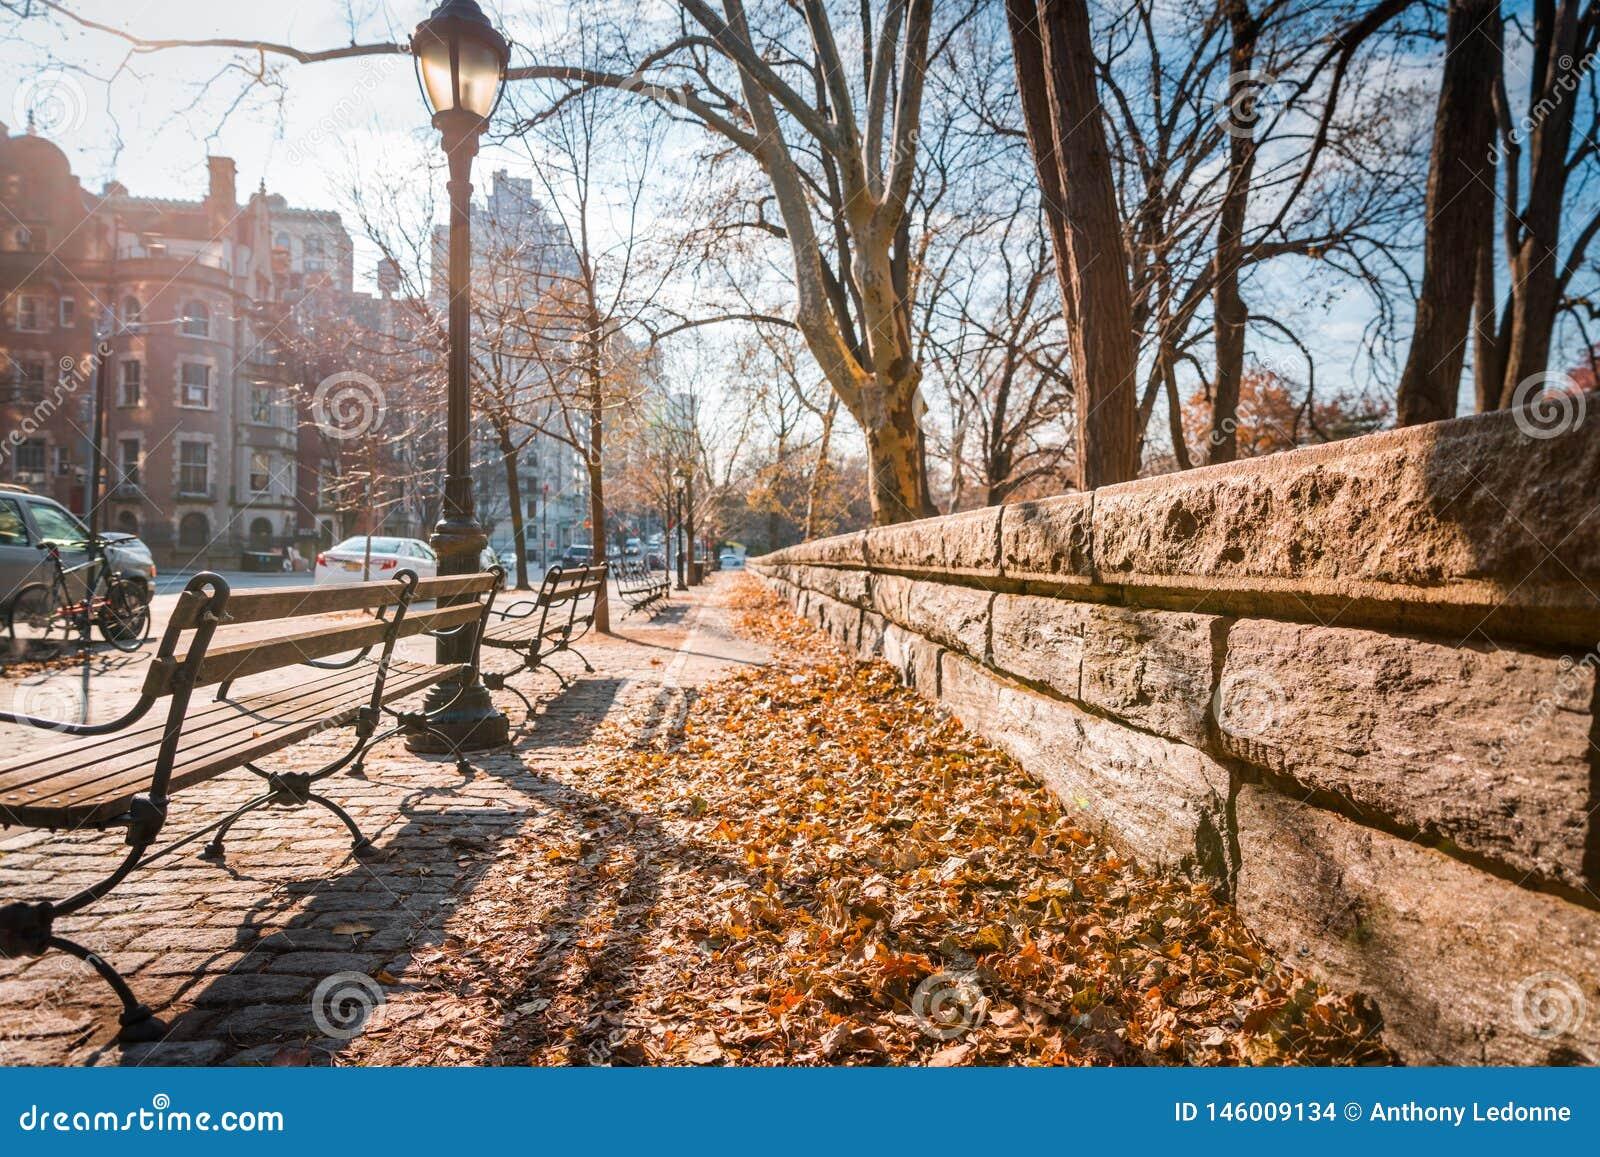 Ein Blatt-bedeckter Bürgersteig in New York